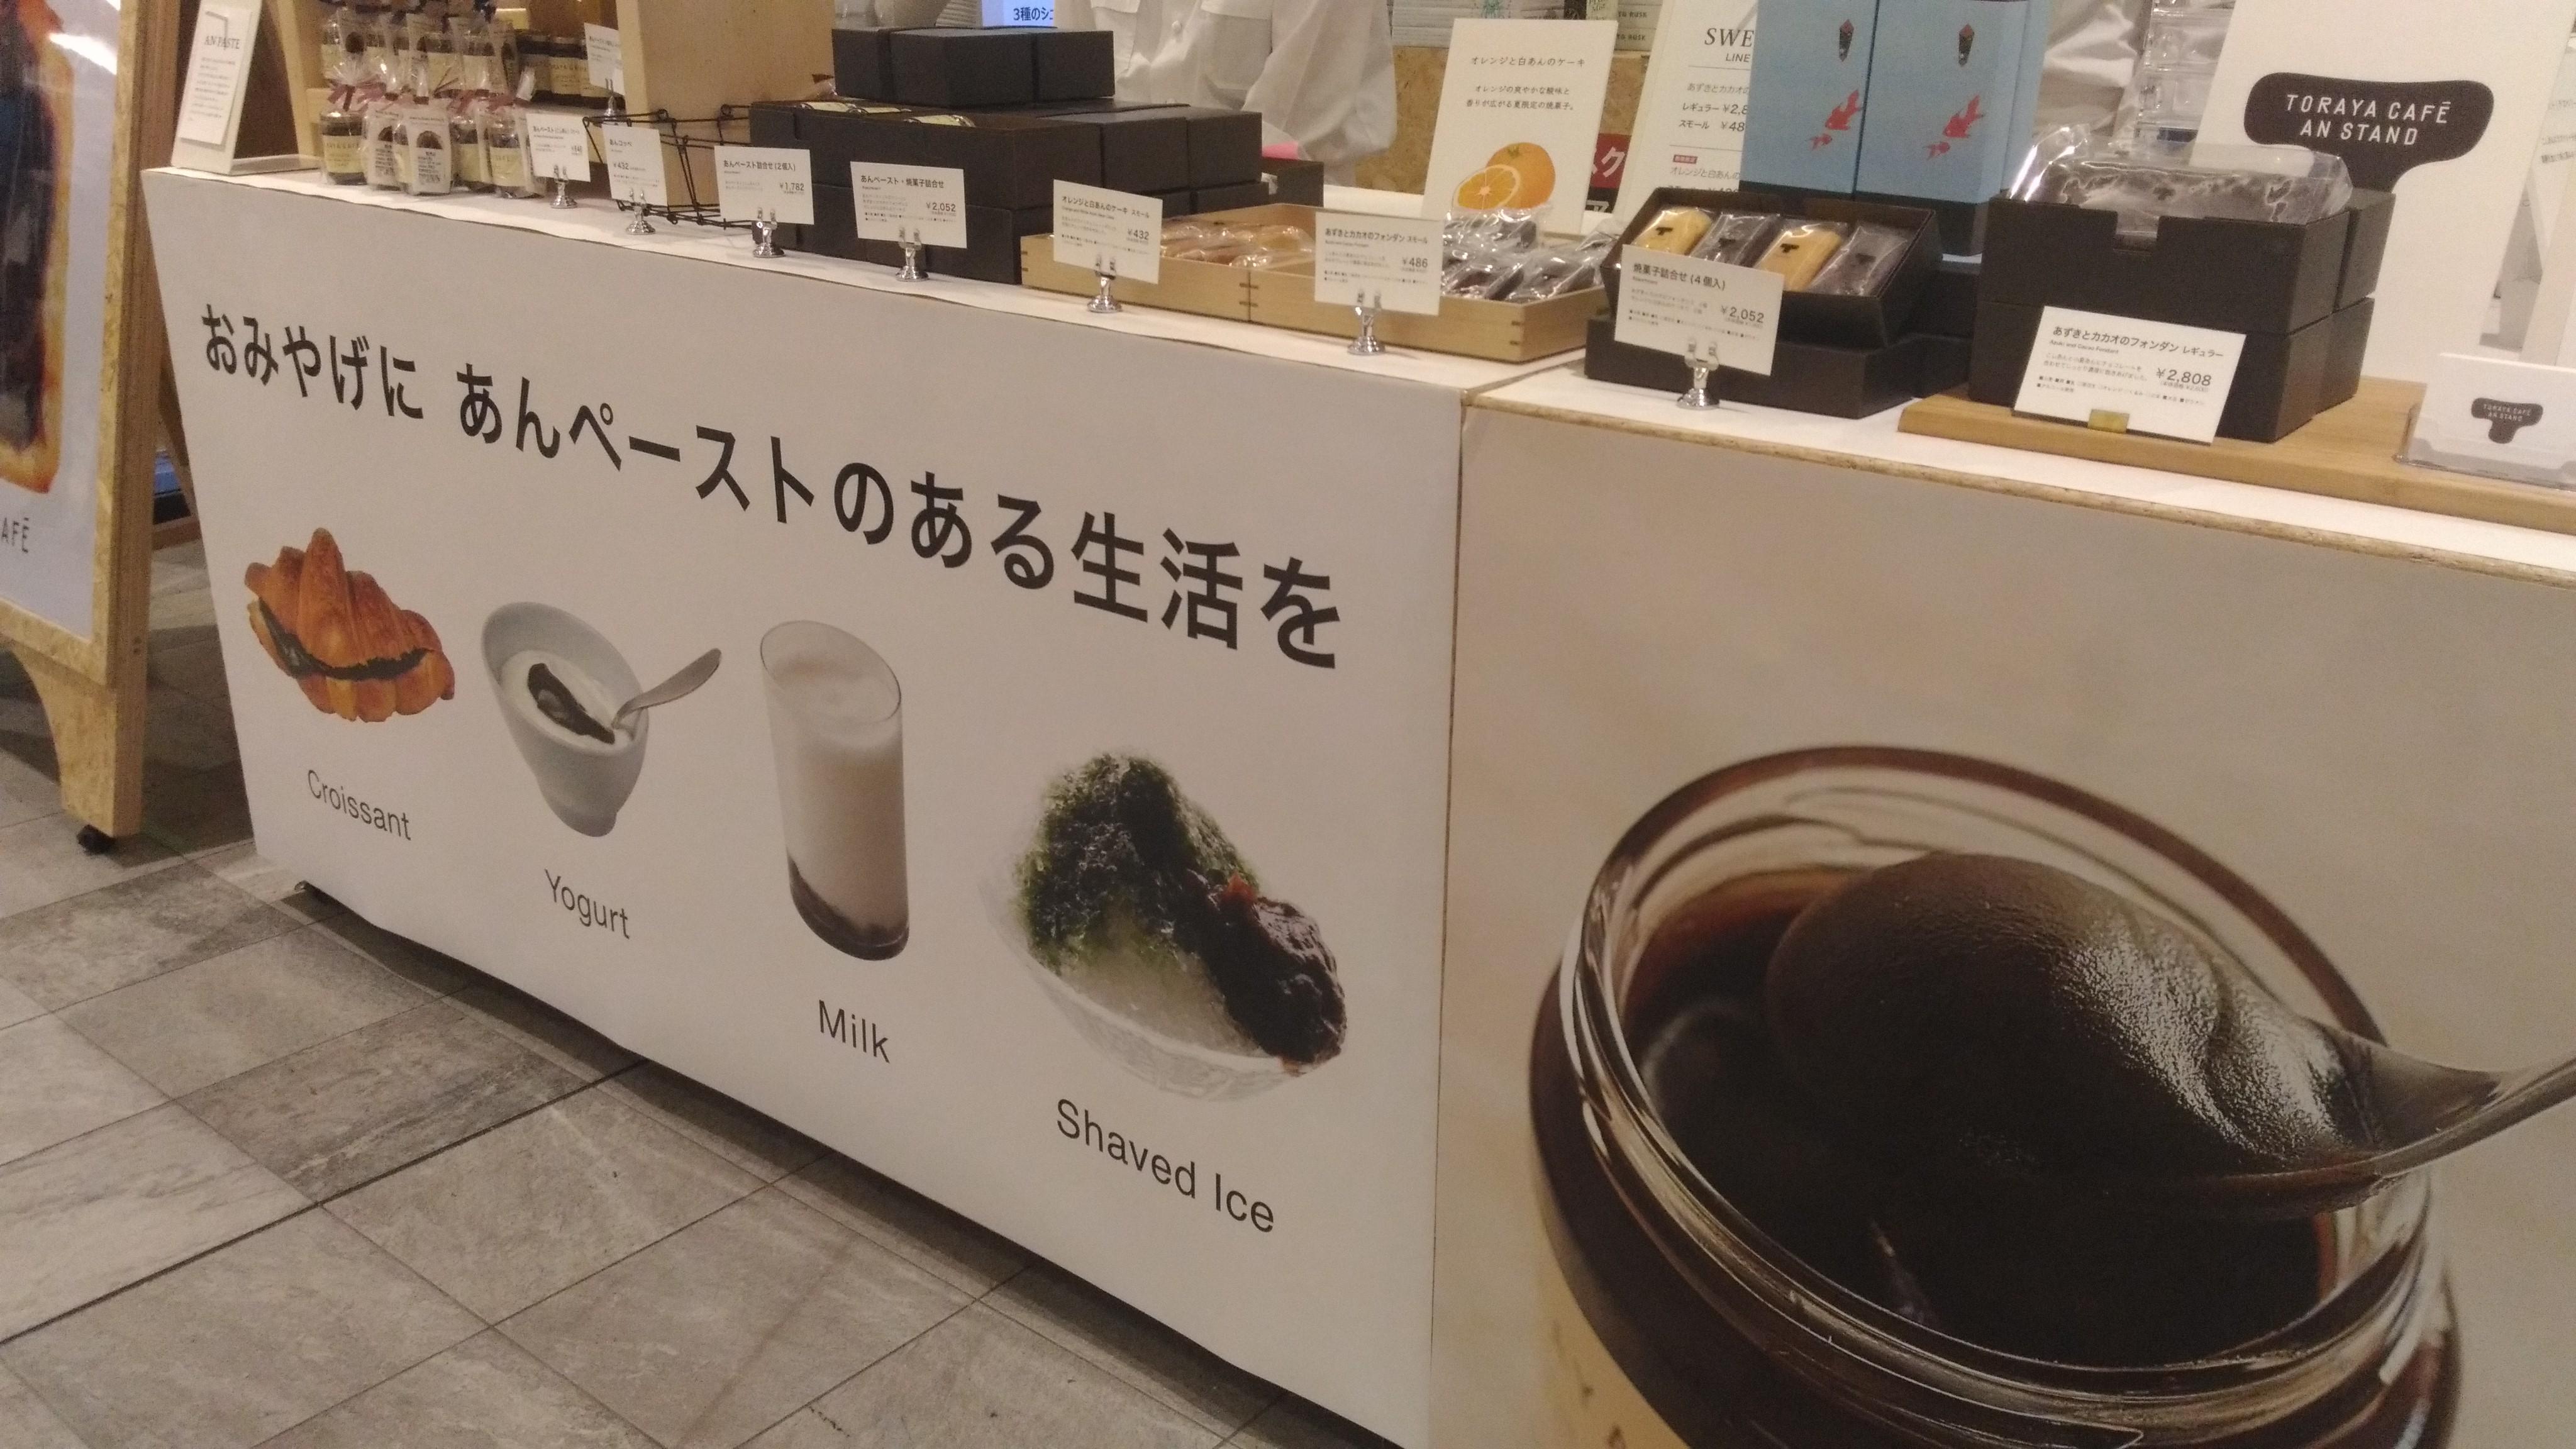 TORAYA CAFE特設店看板に書かれたあんペースト使用例